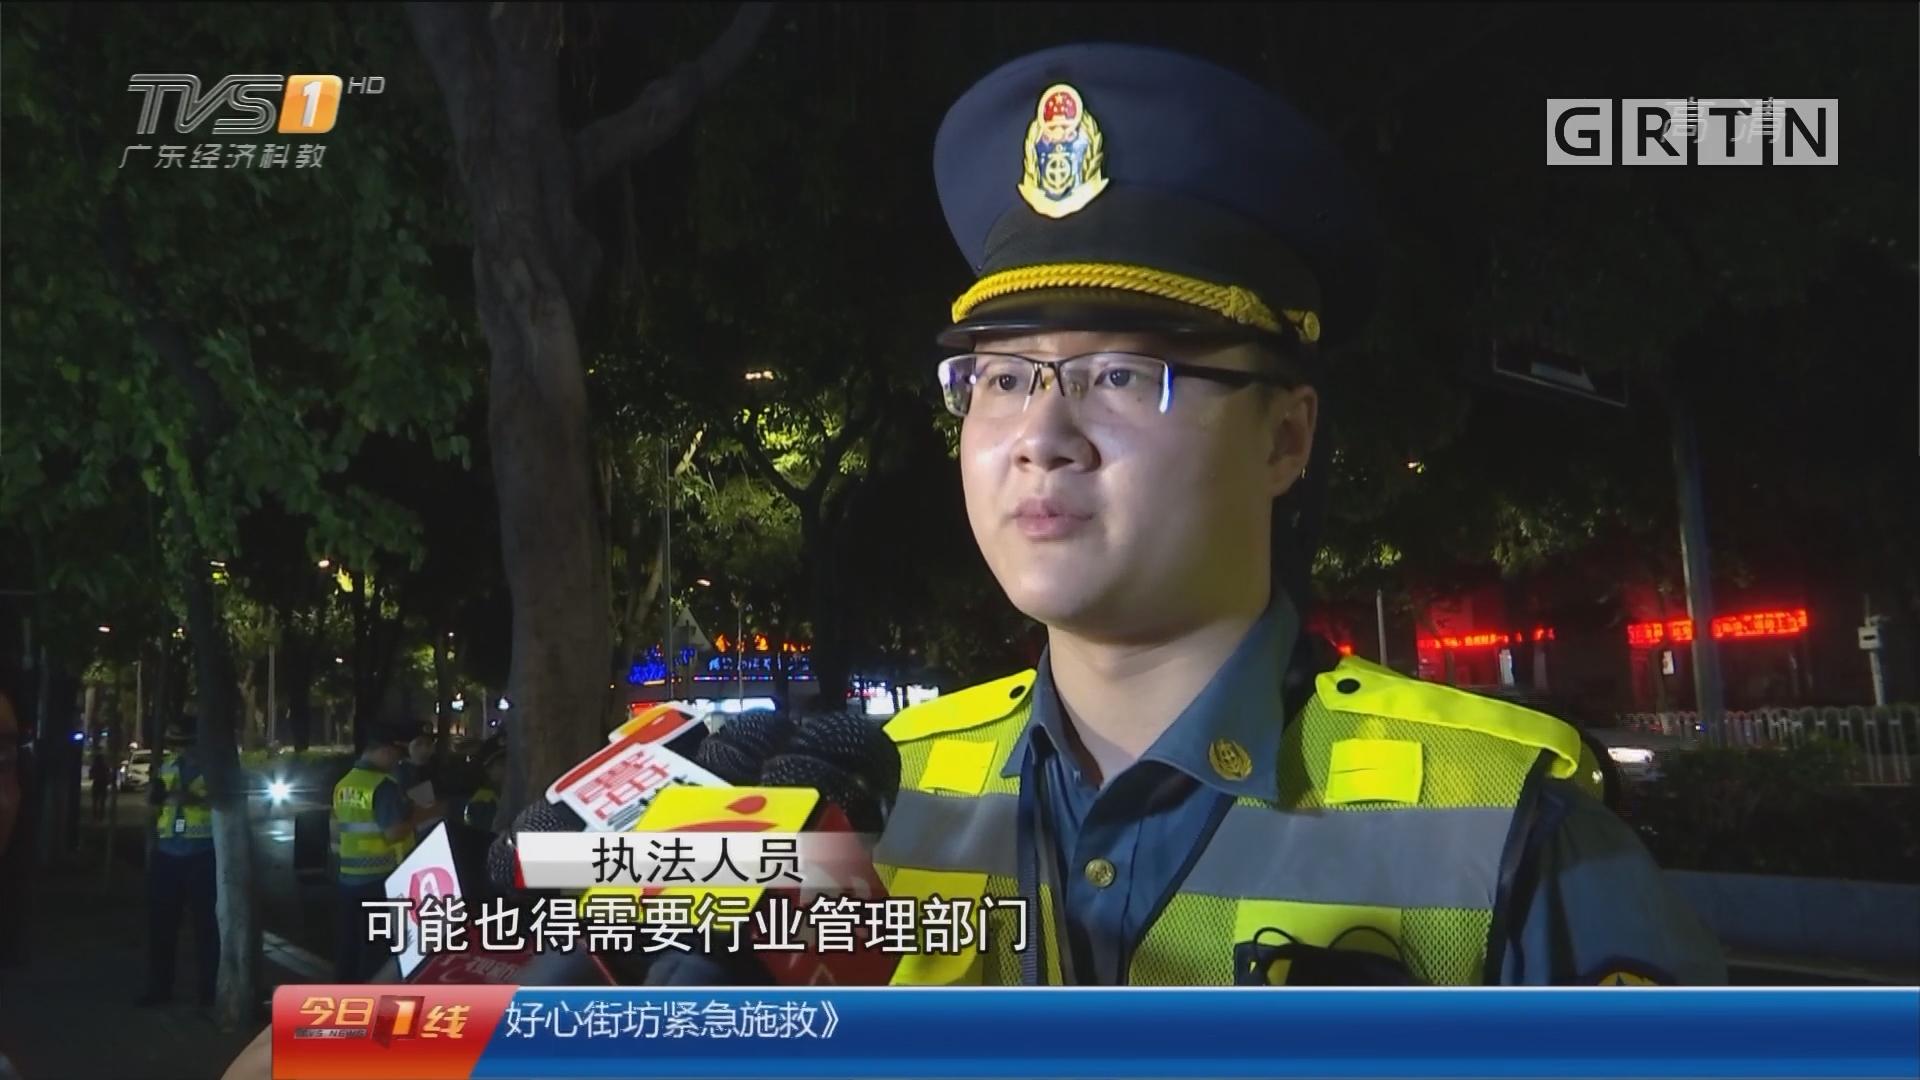 整治出租车行动:夜间突击检查的士 查出141单违章